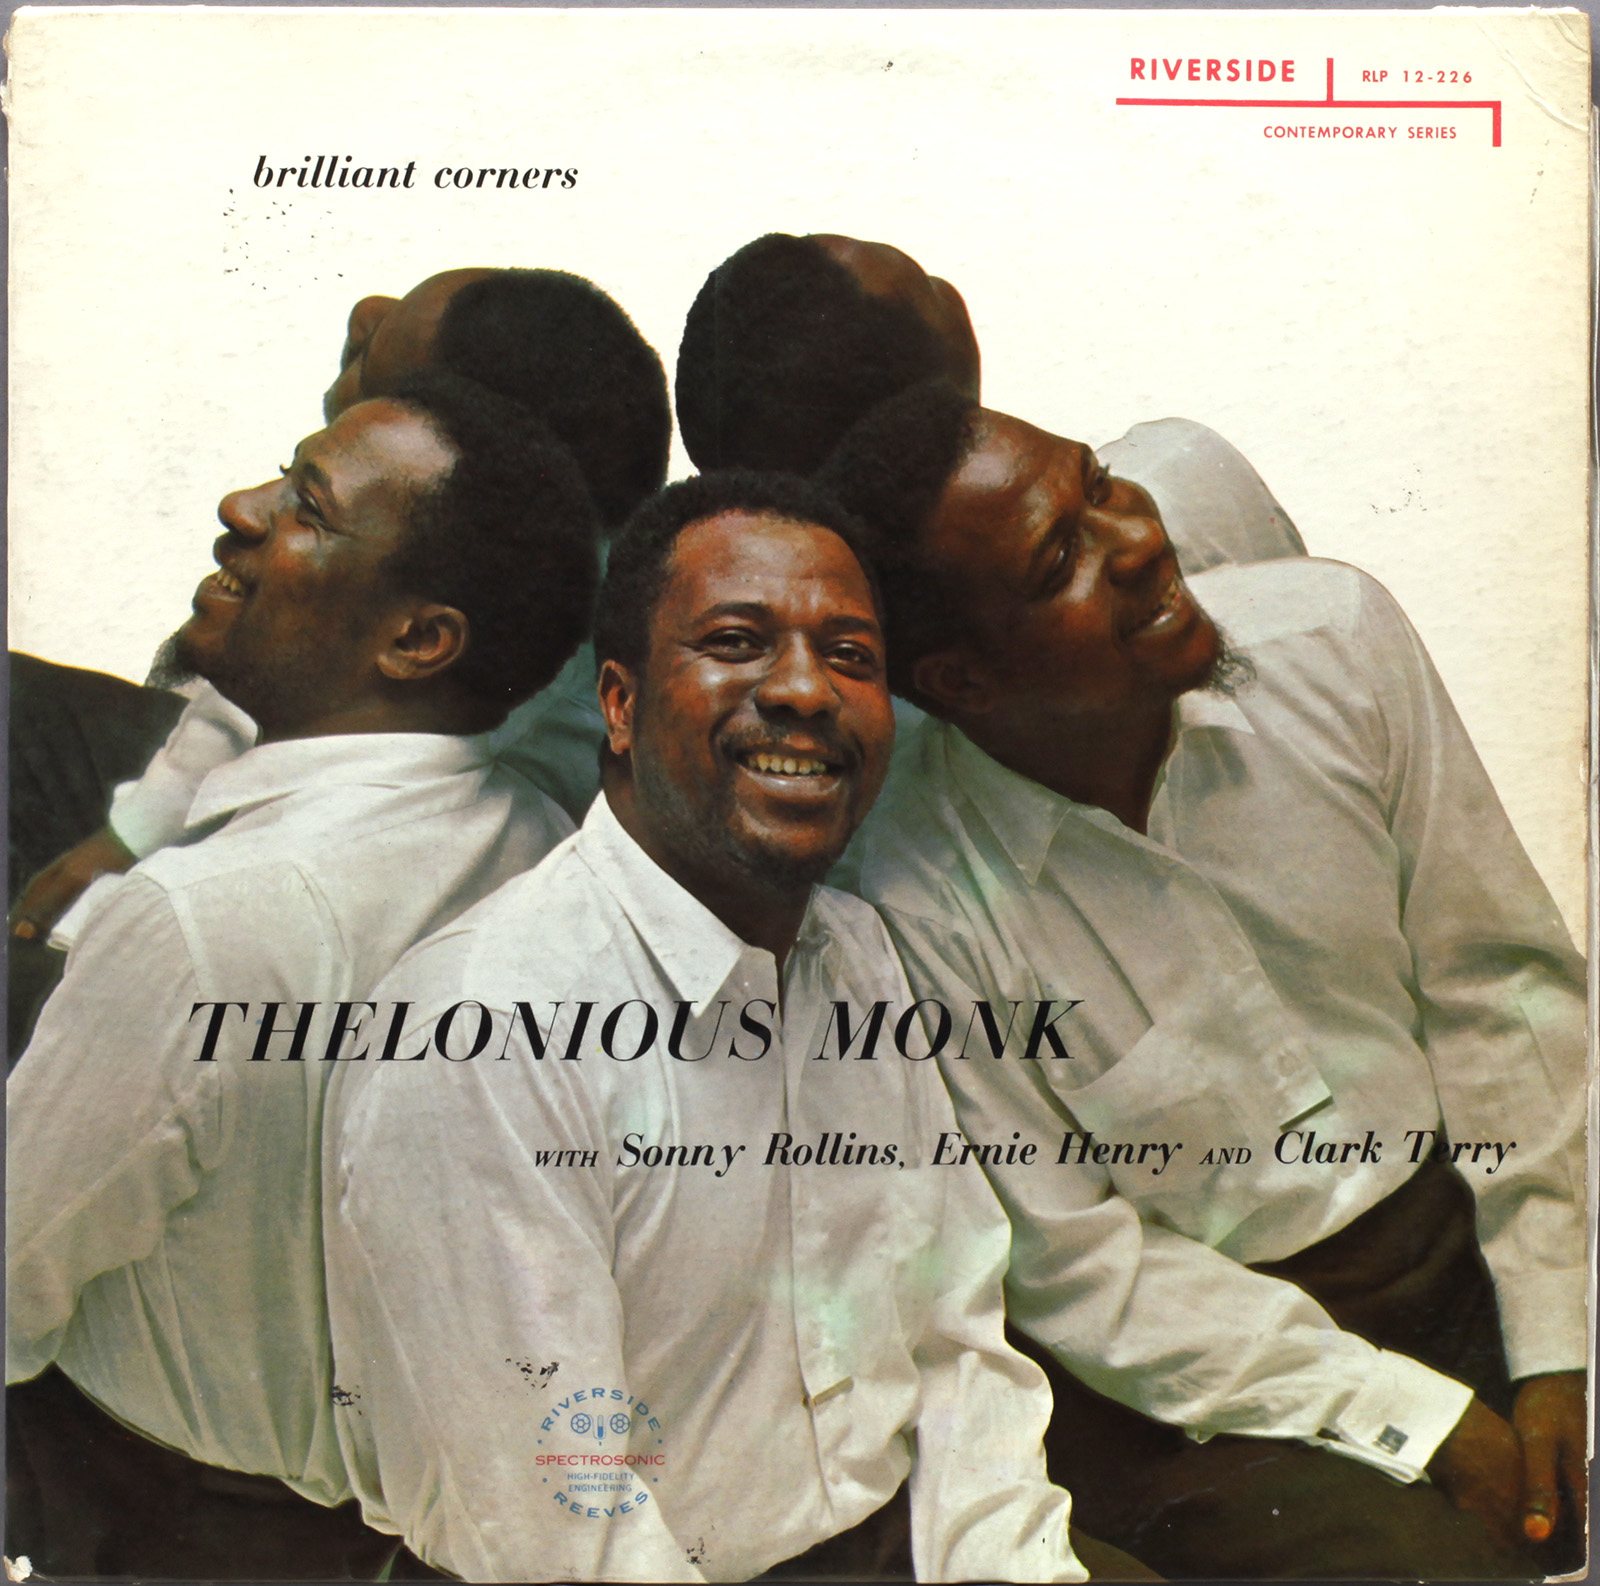 Thelonious Monk Ldquo Brilliant Corners Rdquo 1956